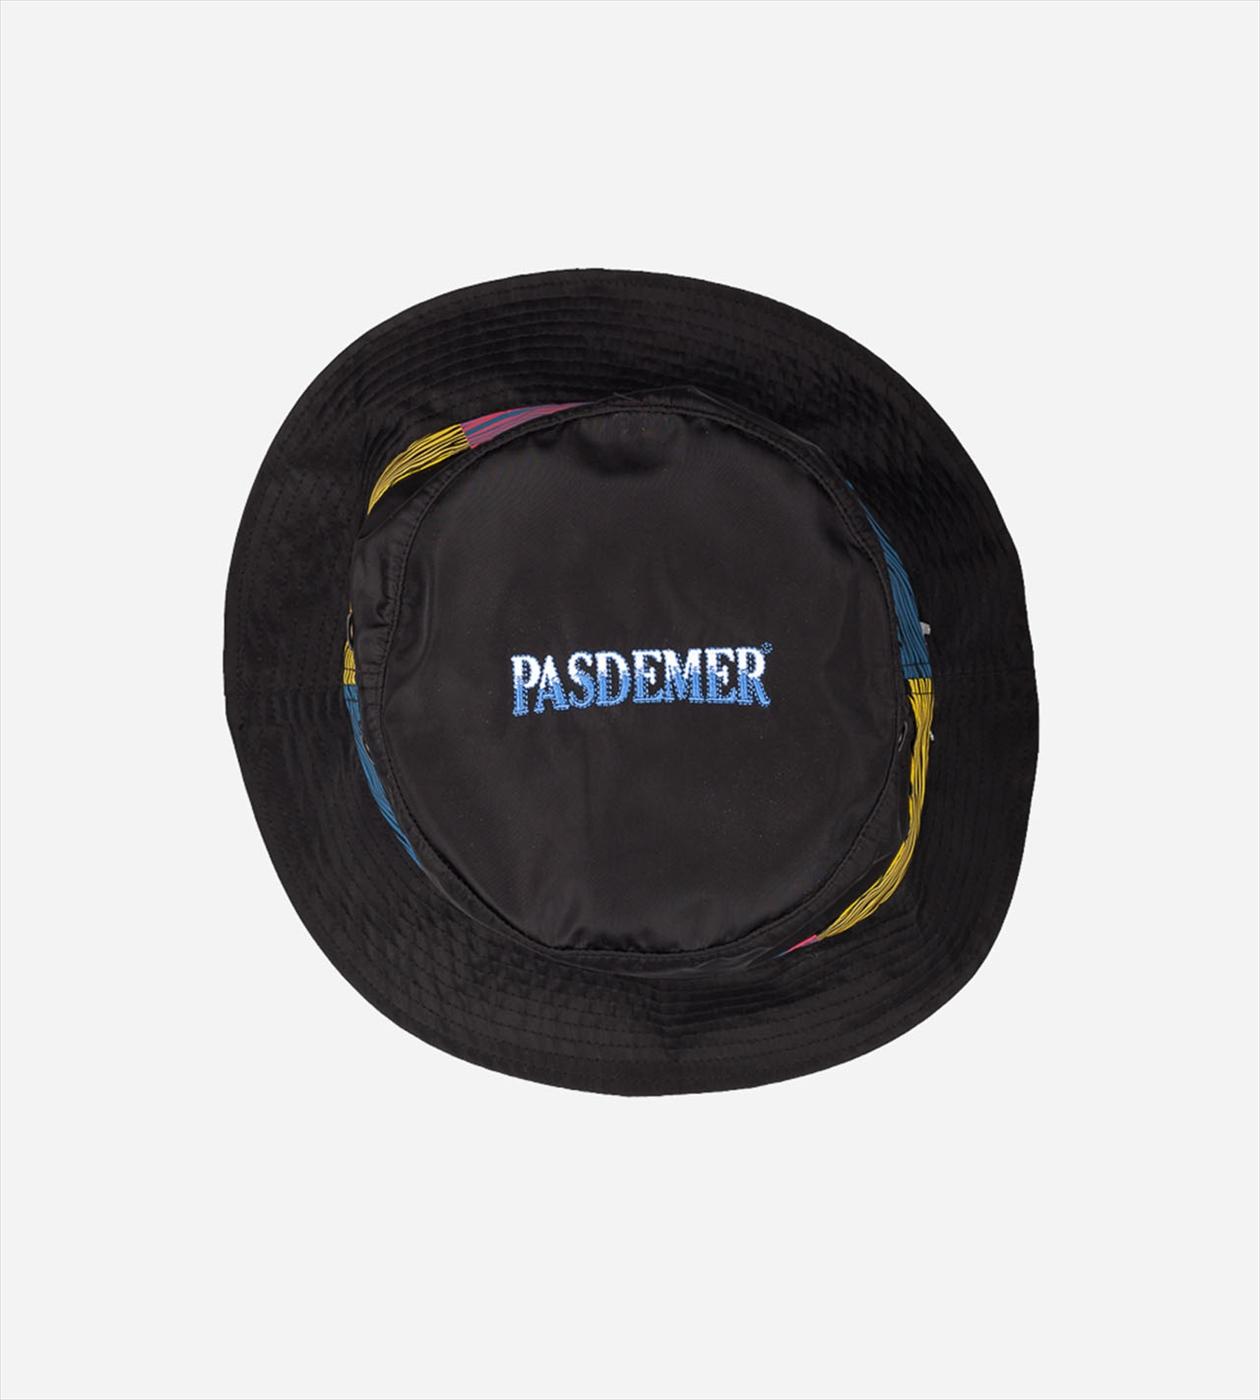 【PAS DE MER/パドゥメ】TIGER BUCKET バケットハット / BLACK